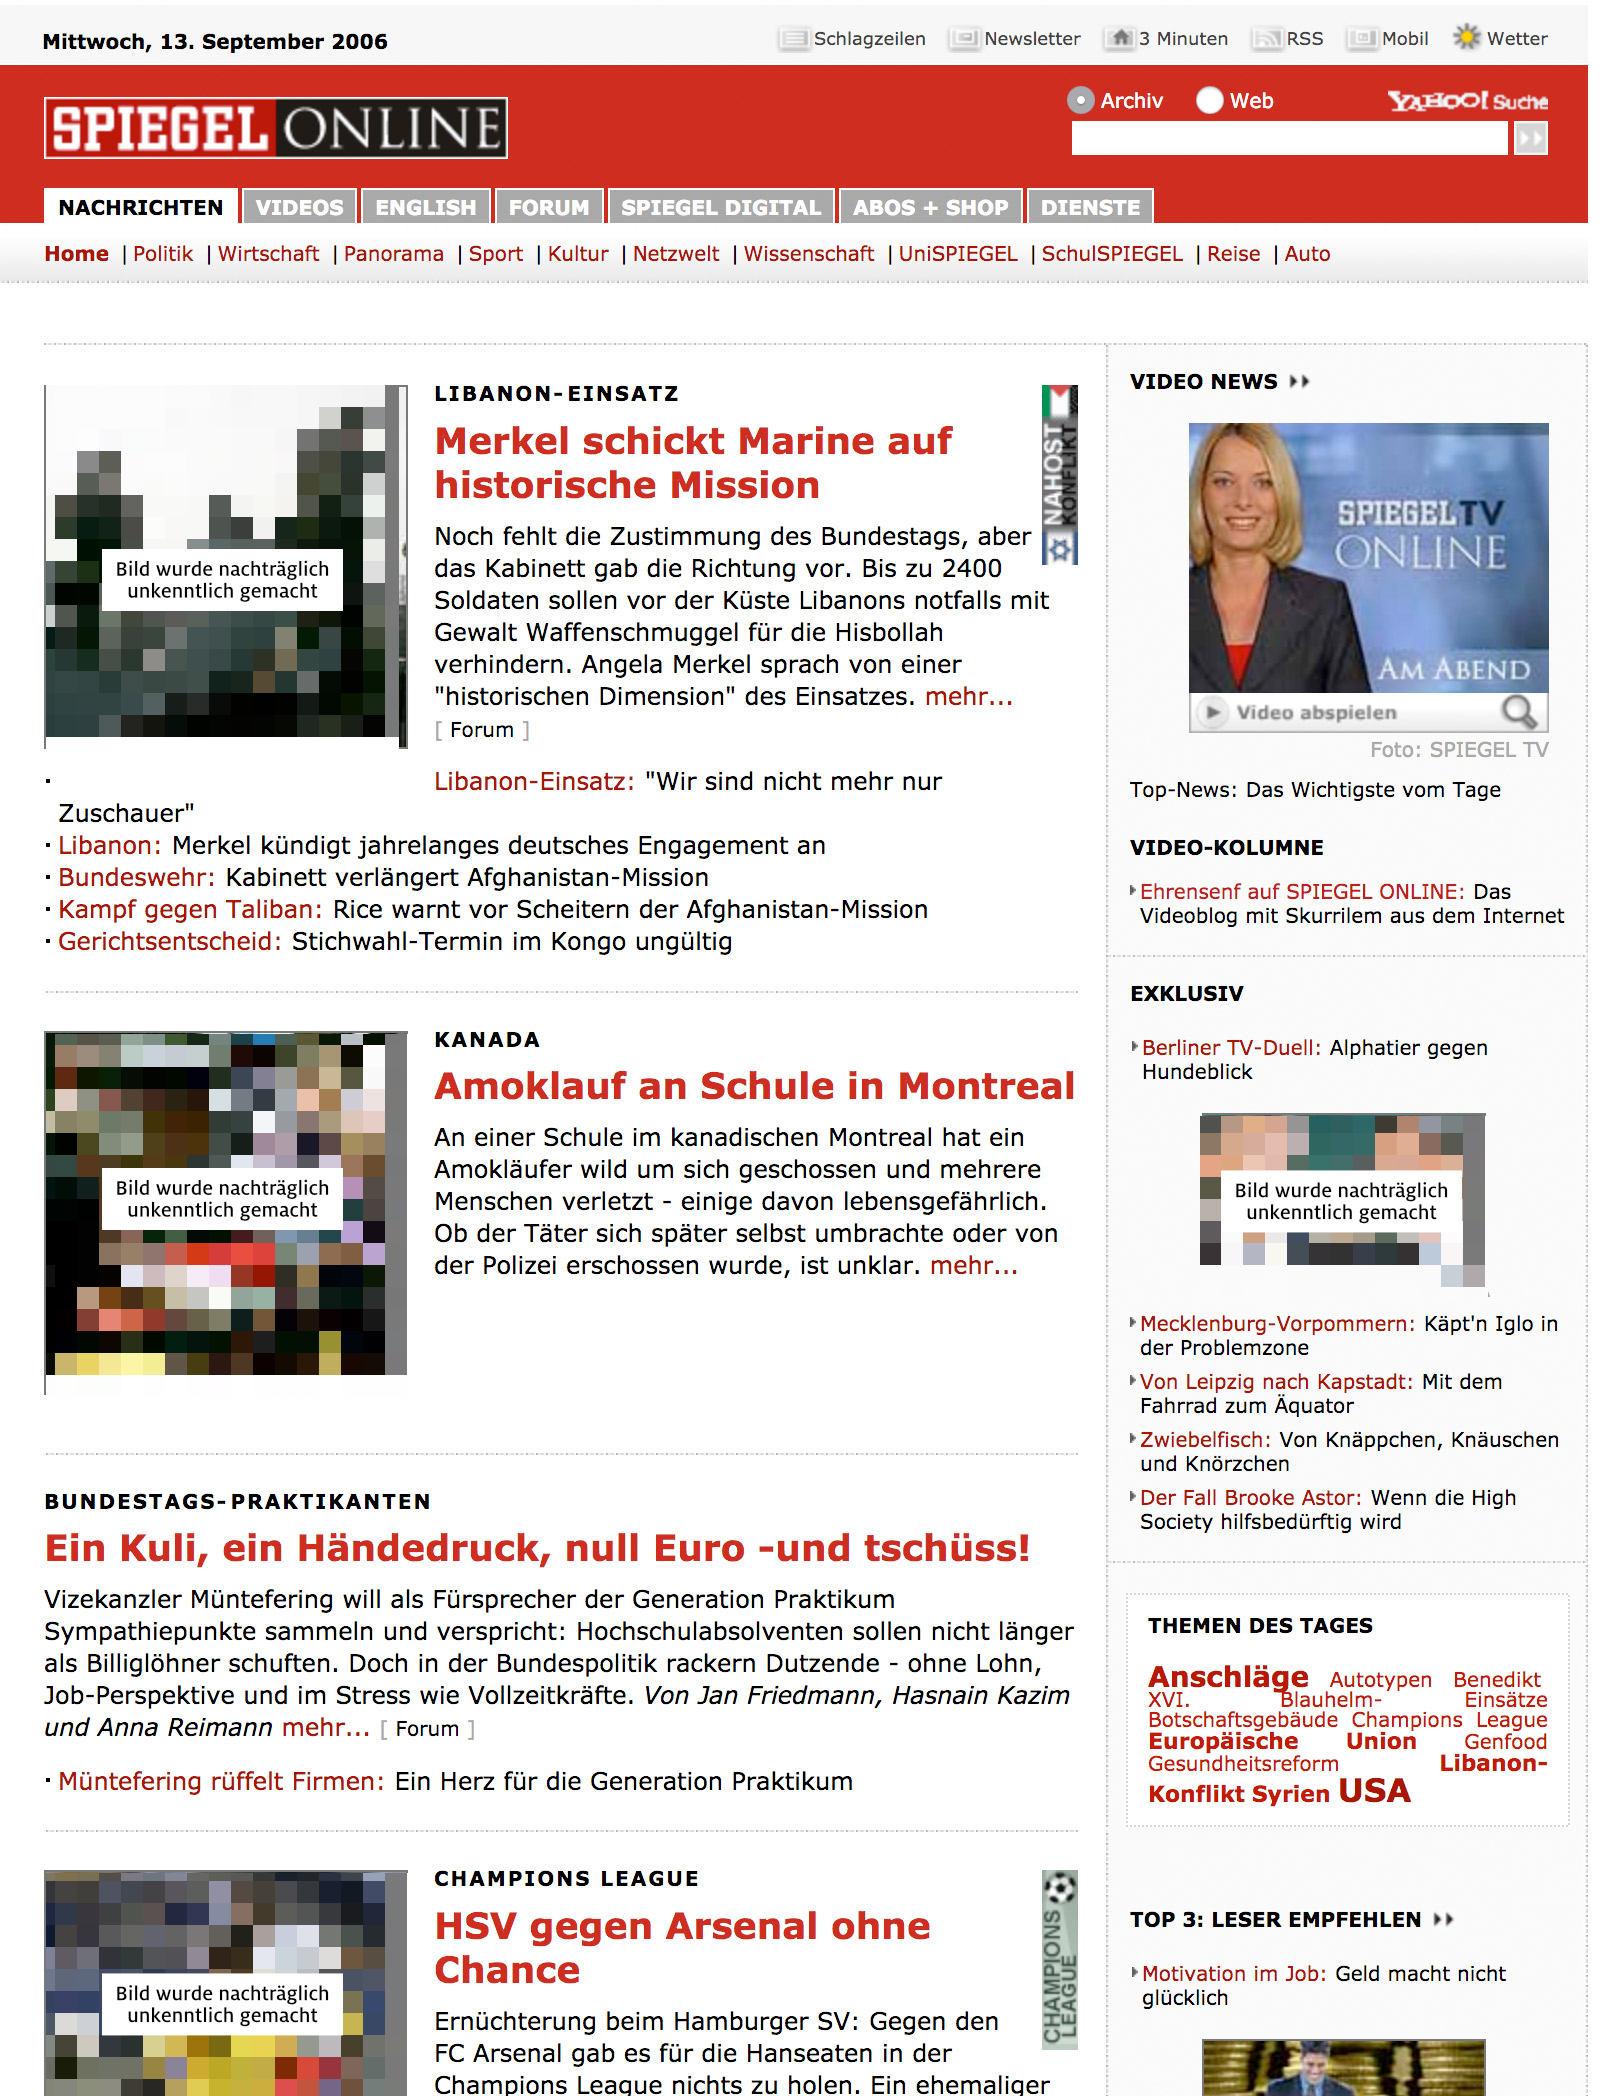 spiegel online 09/2006